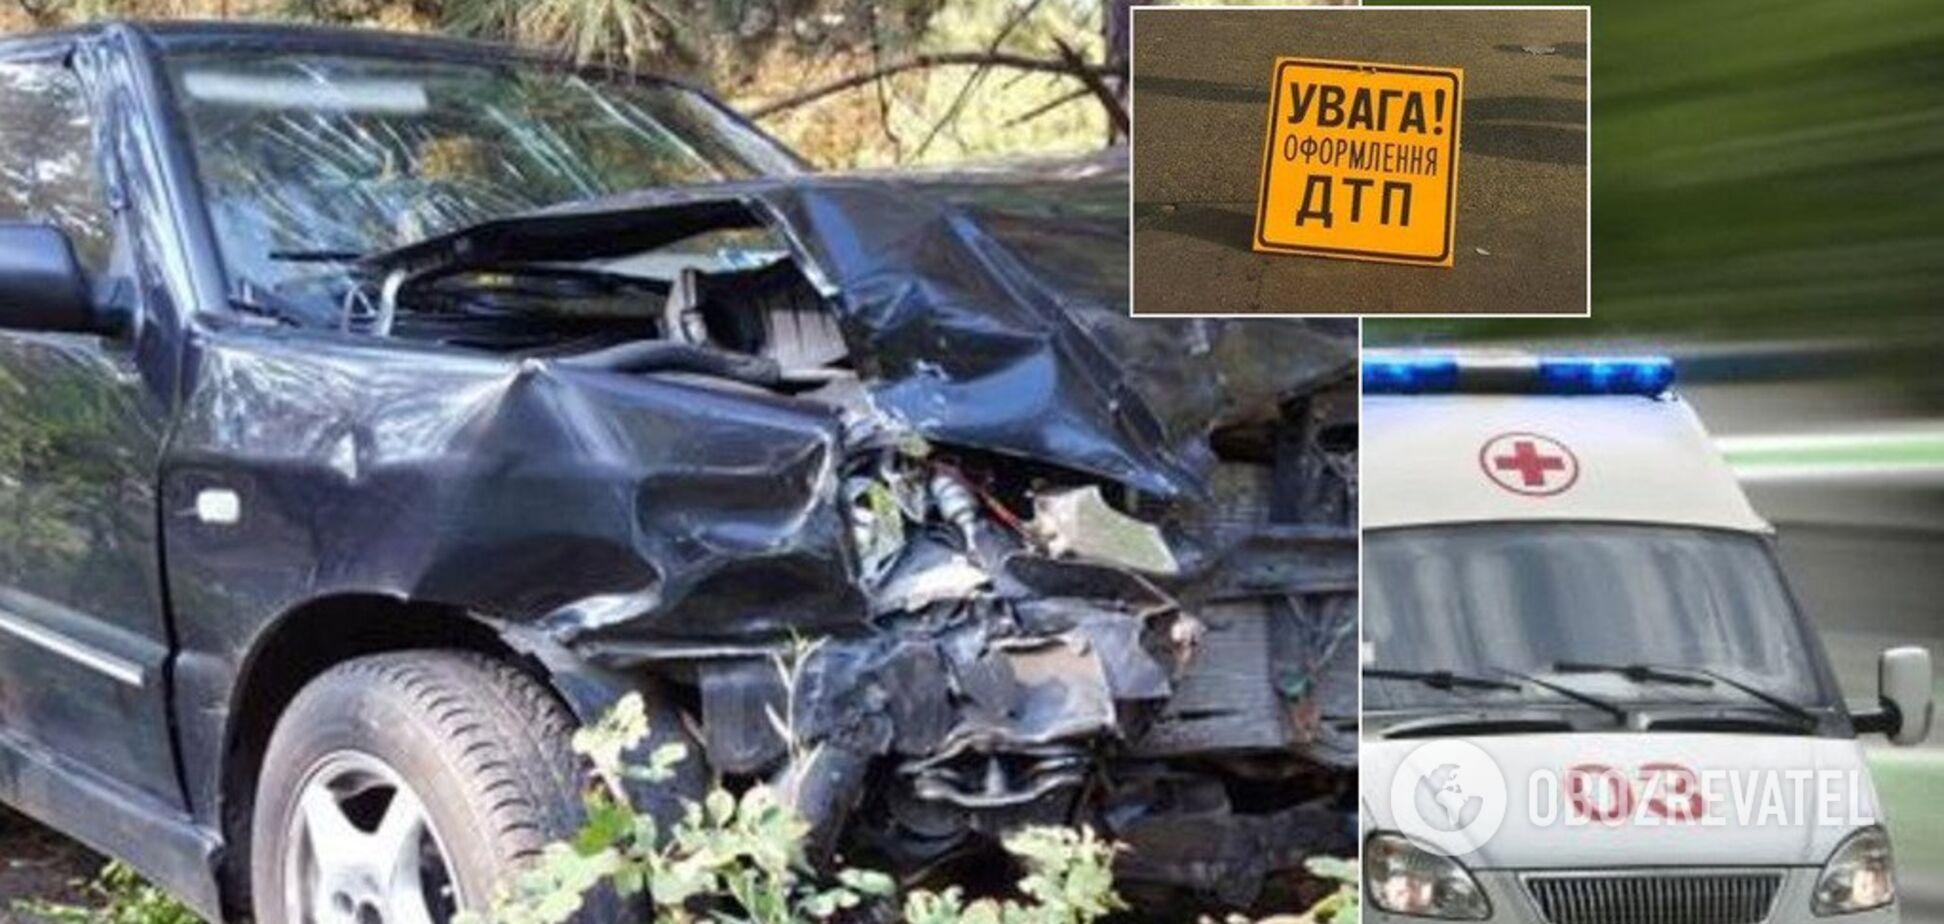 Розбиті голови і розтрощені авто: в Кривому Розі трапилася серйозна ДТП